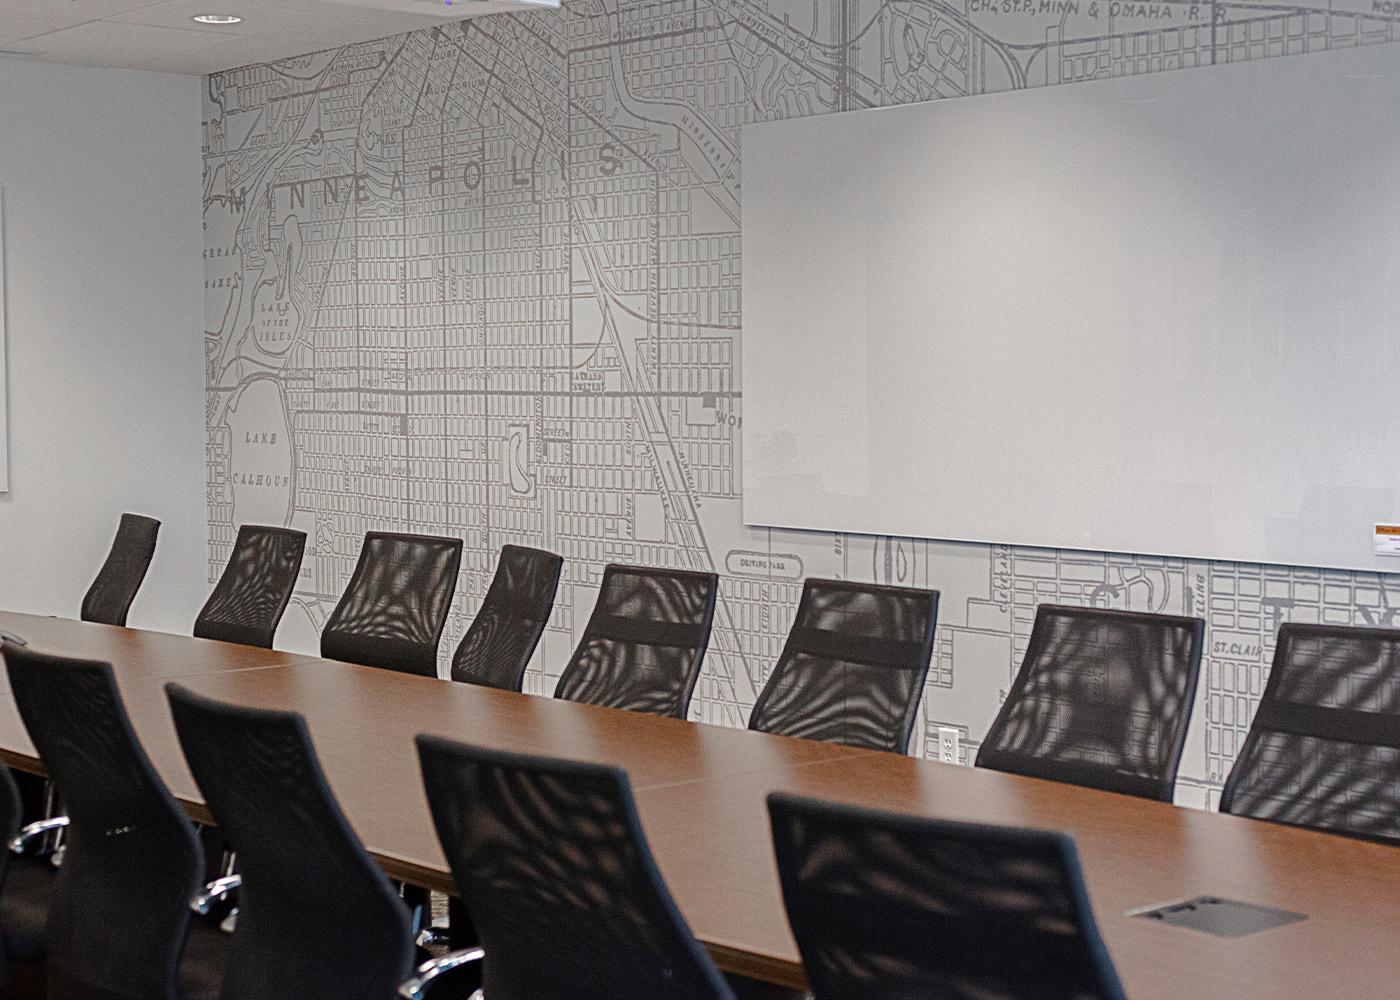 cresa board room wall